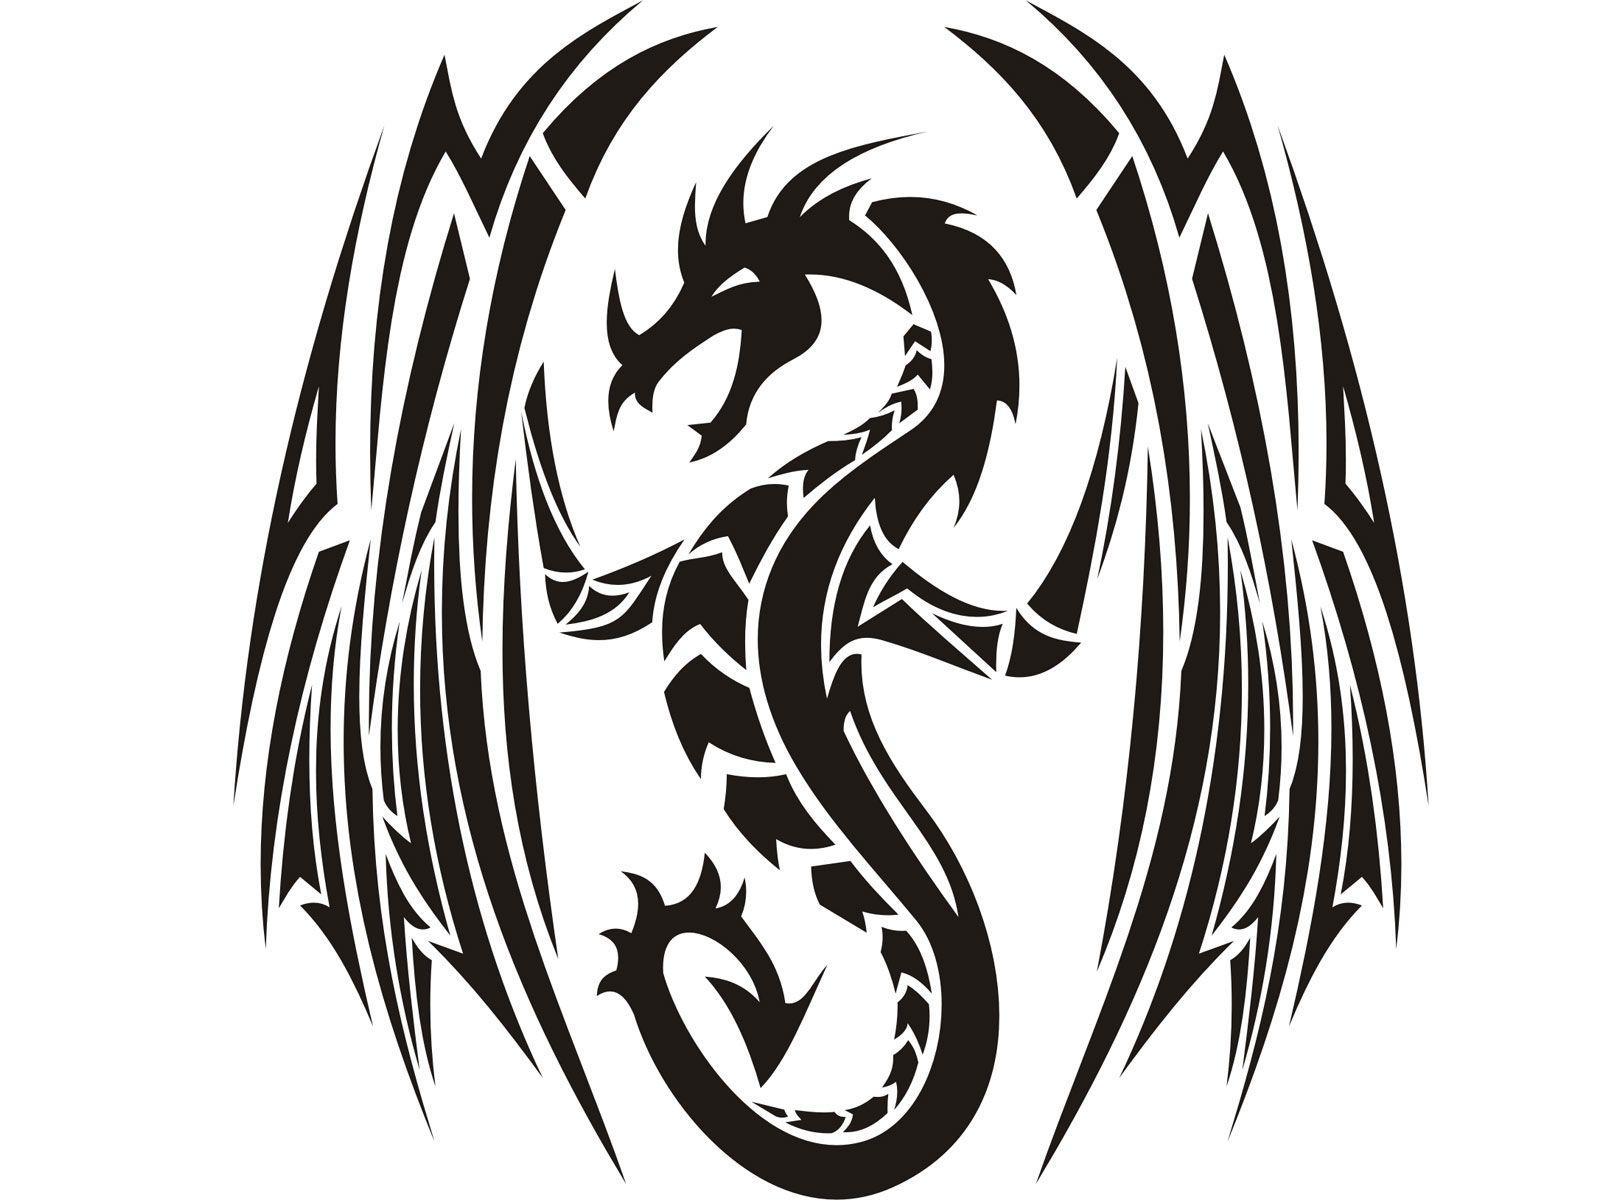 Free Dragon Tattoos Design Dragon Tattoo Wallpaper Tribal Dragon Tattoo Dragon Tattoo